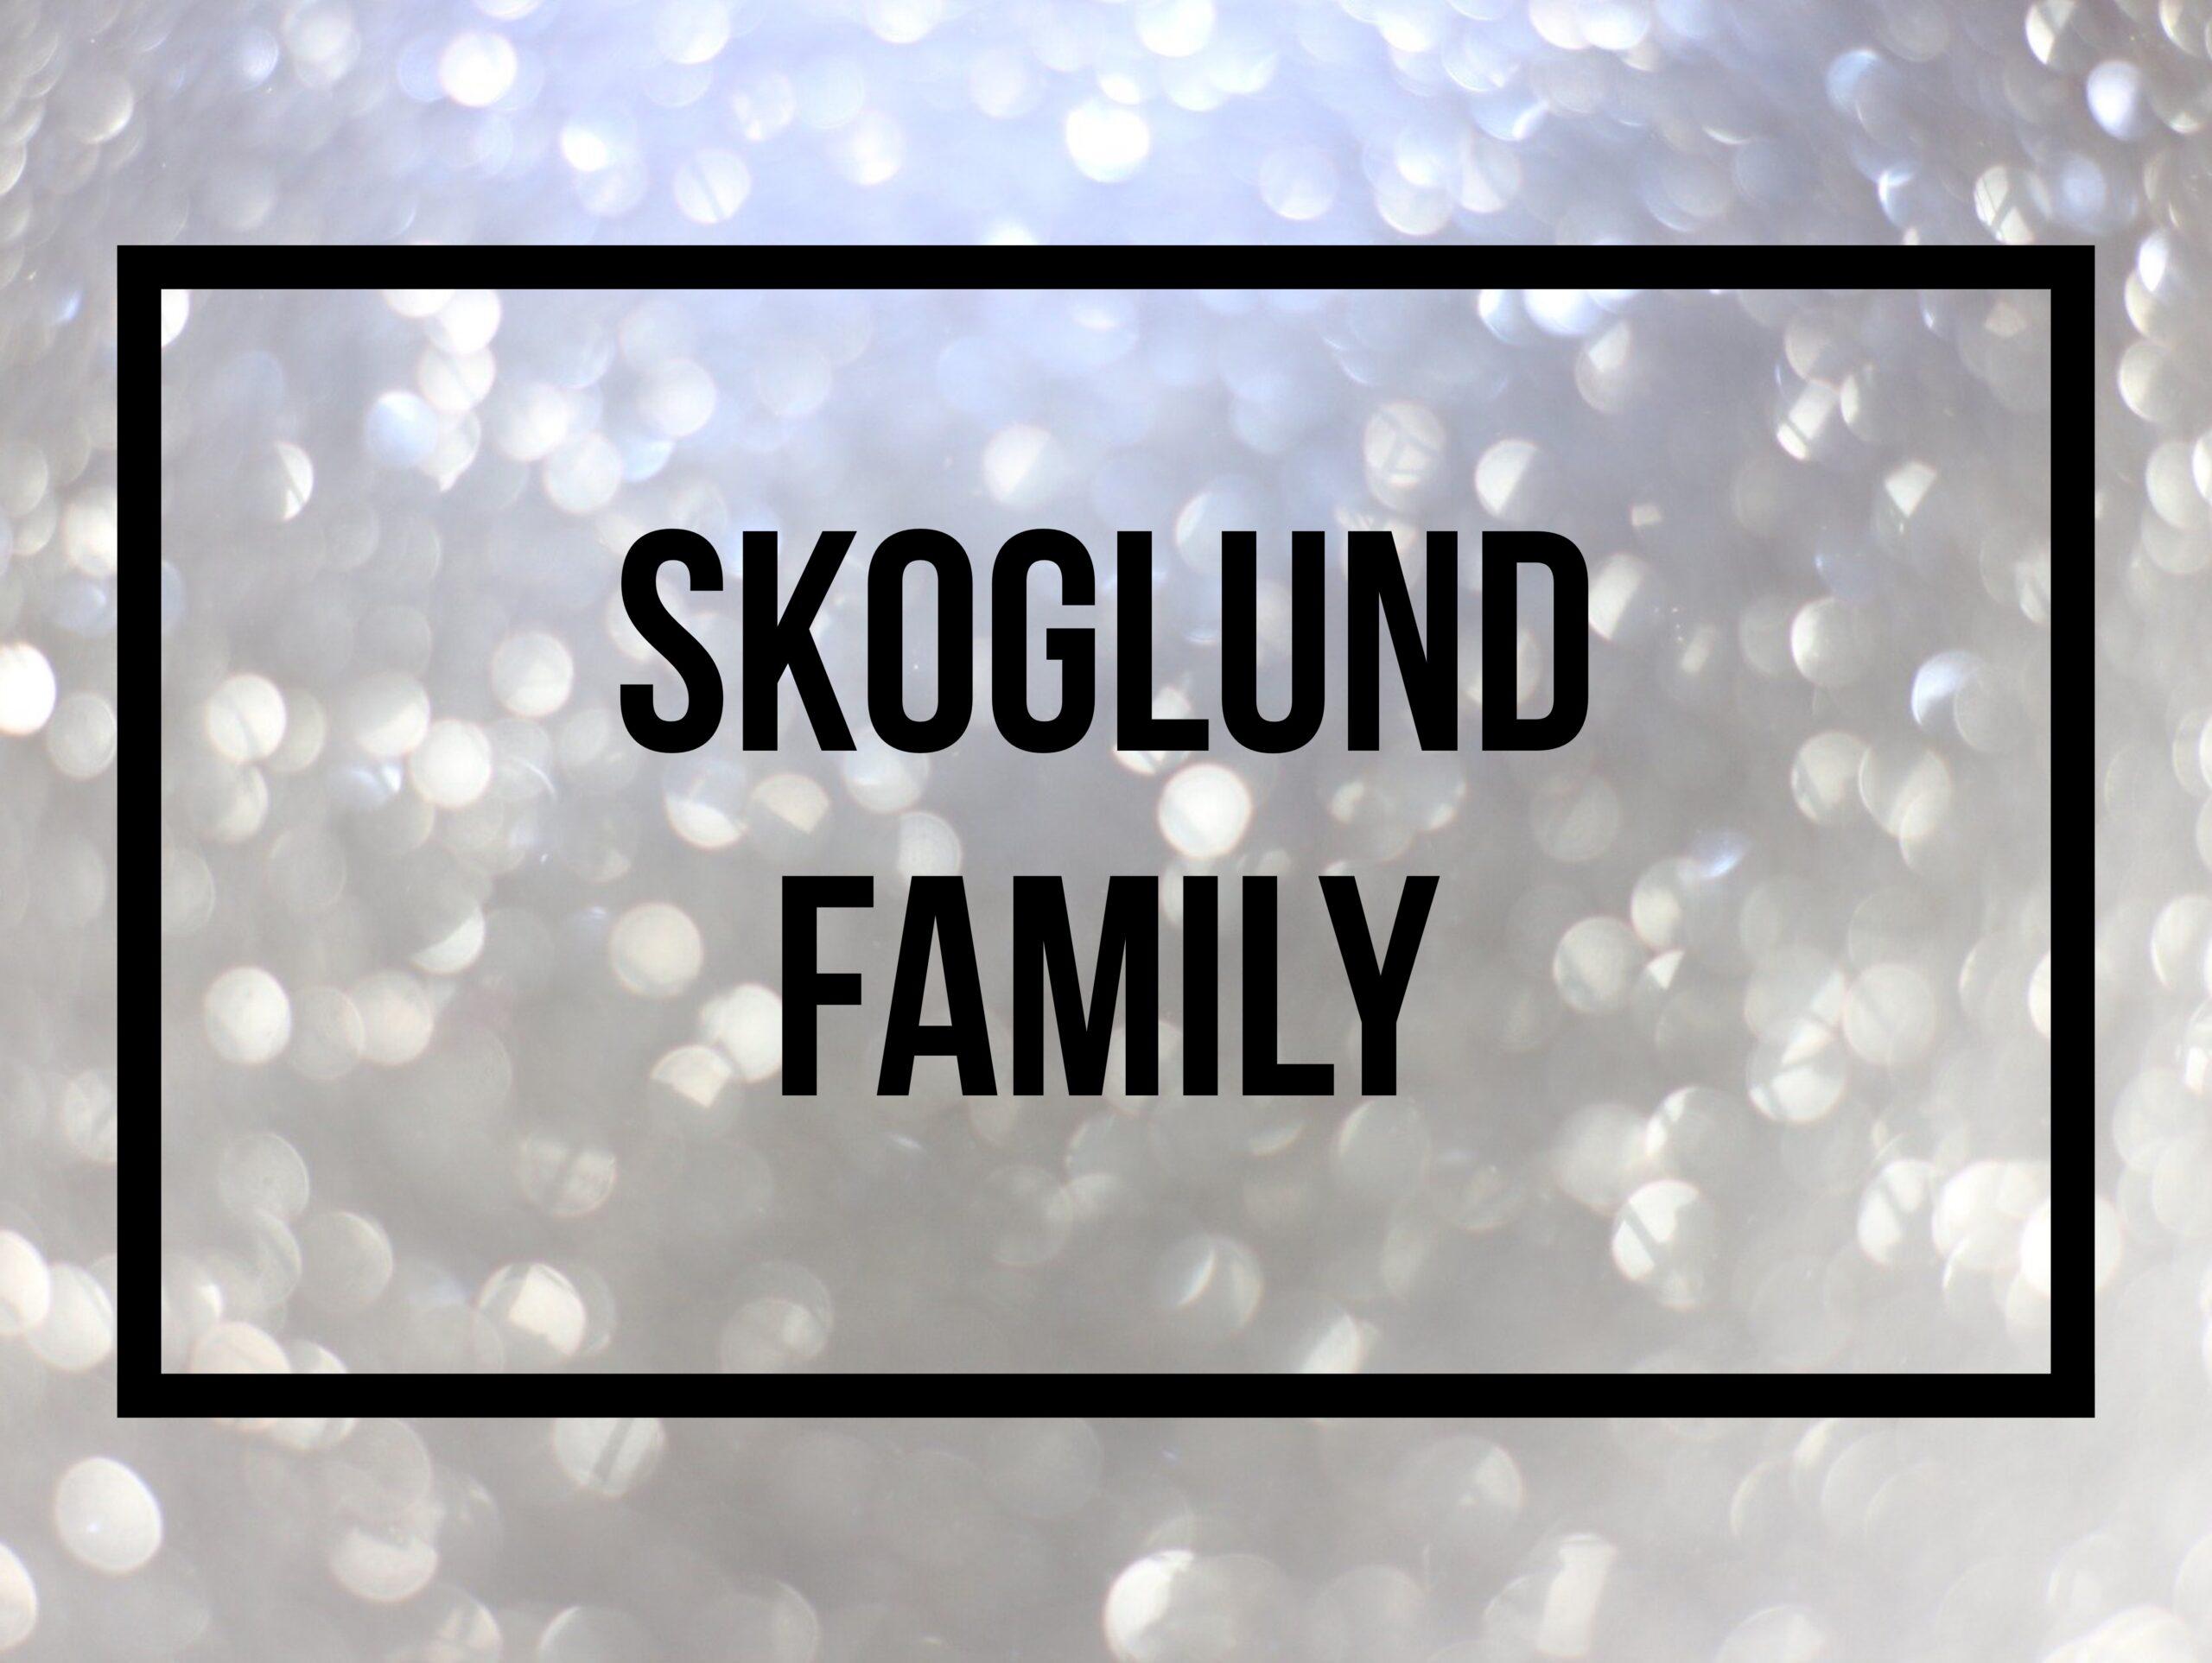 Skogund